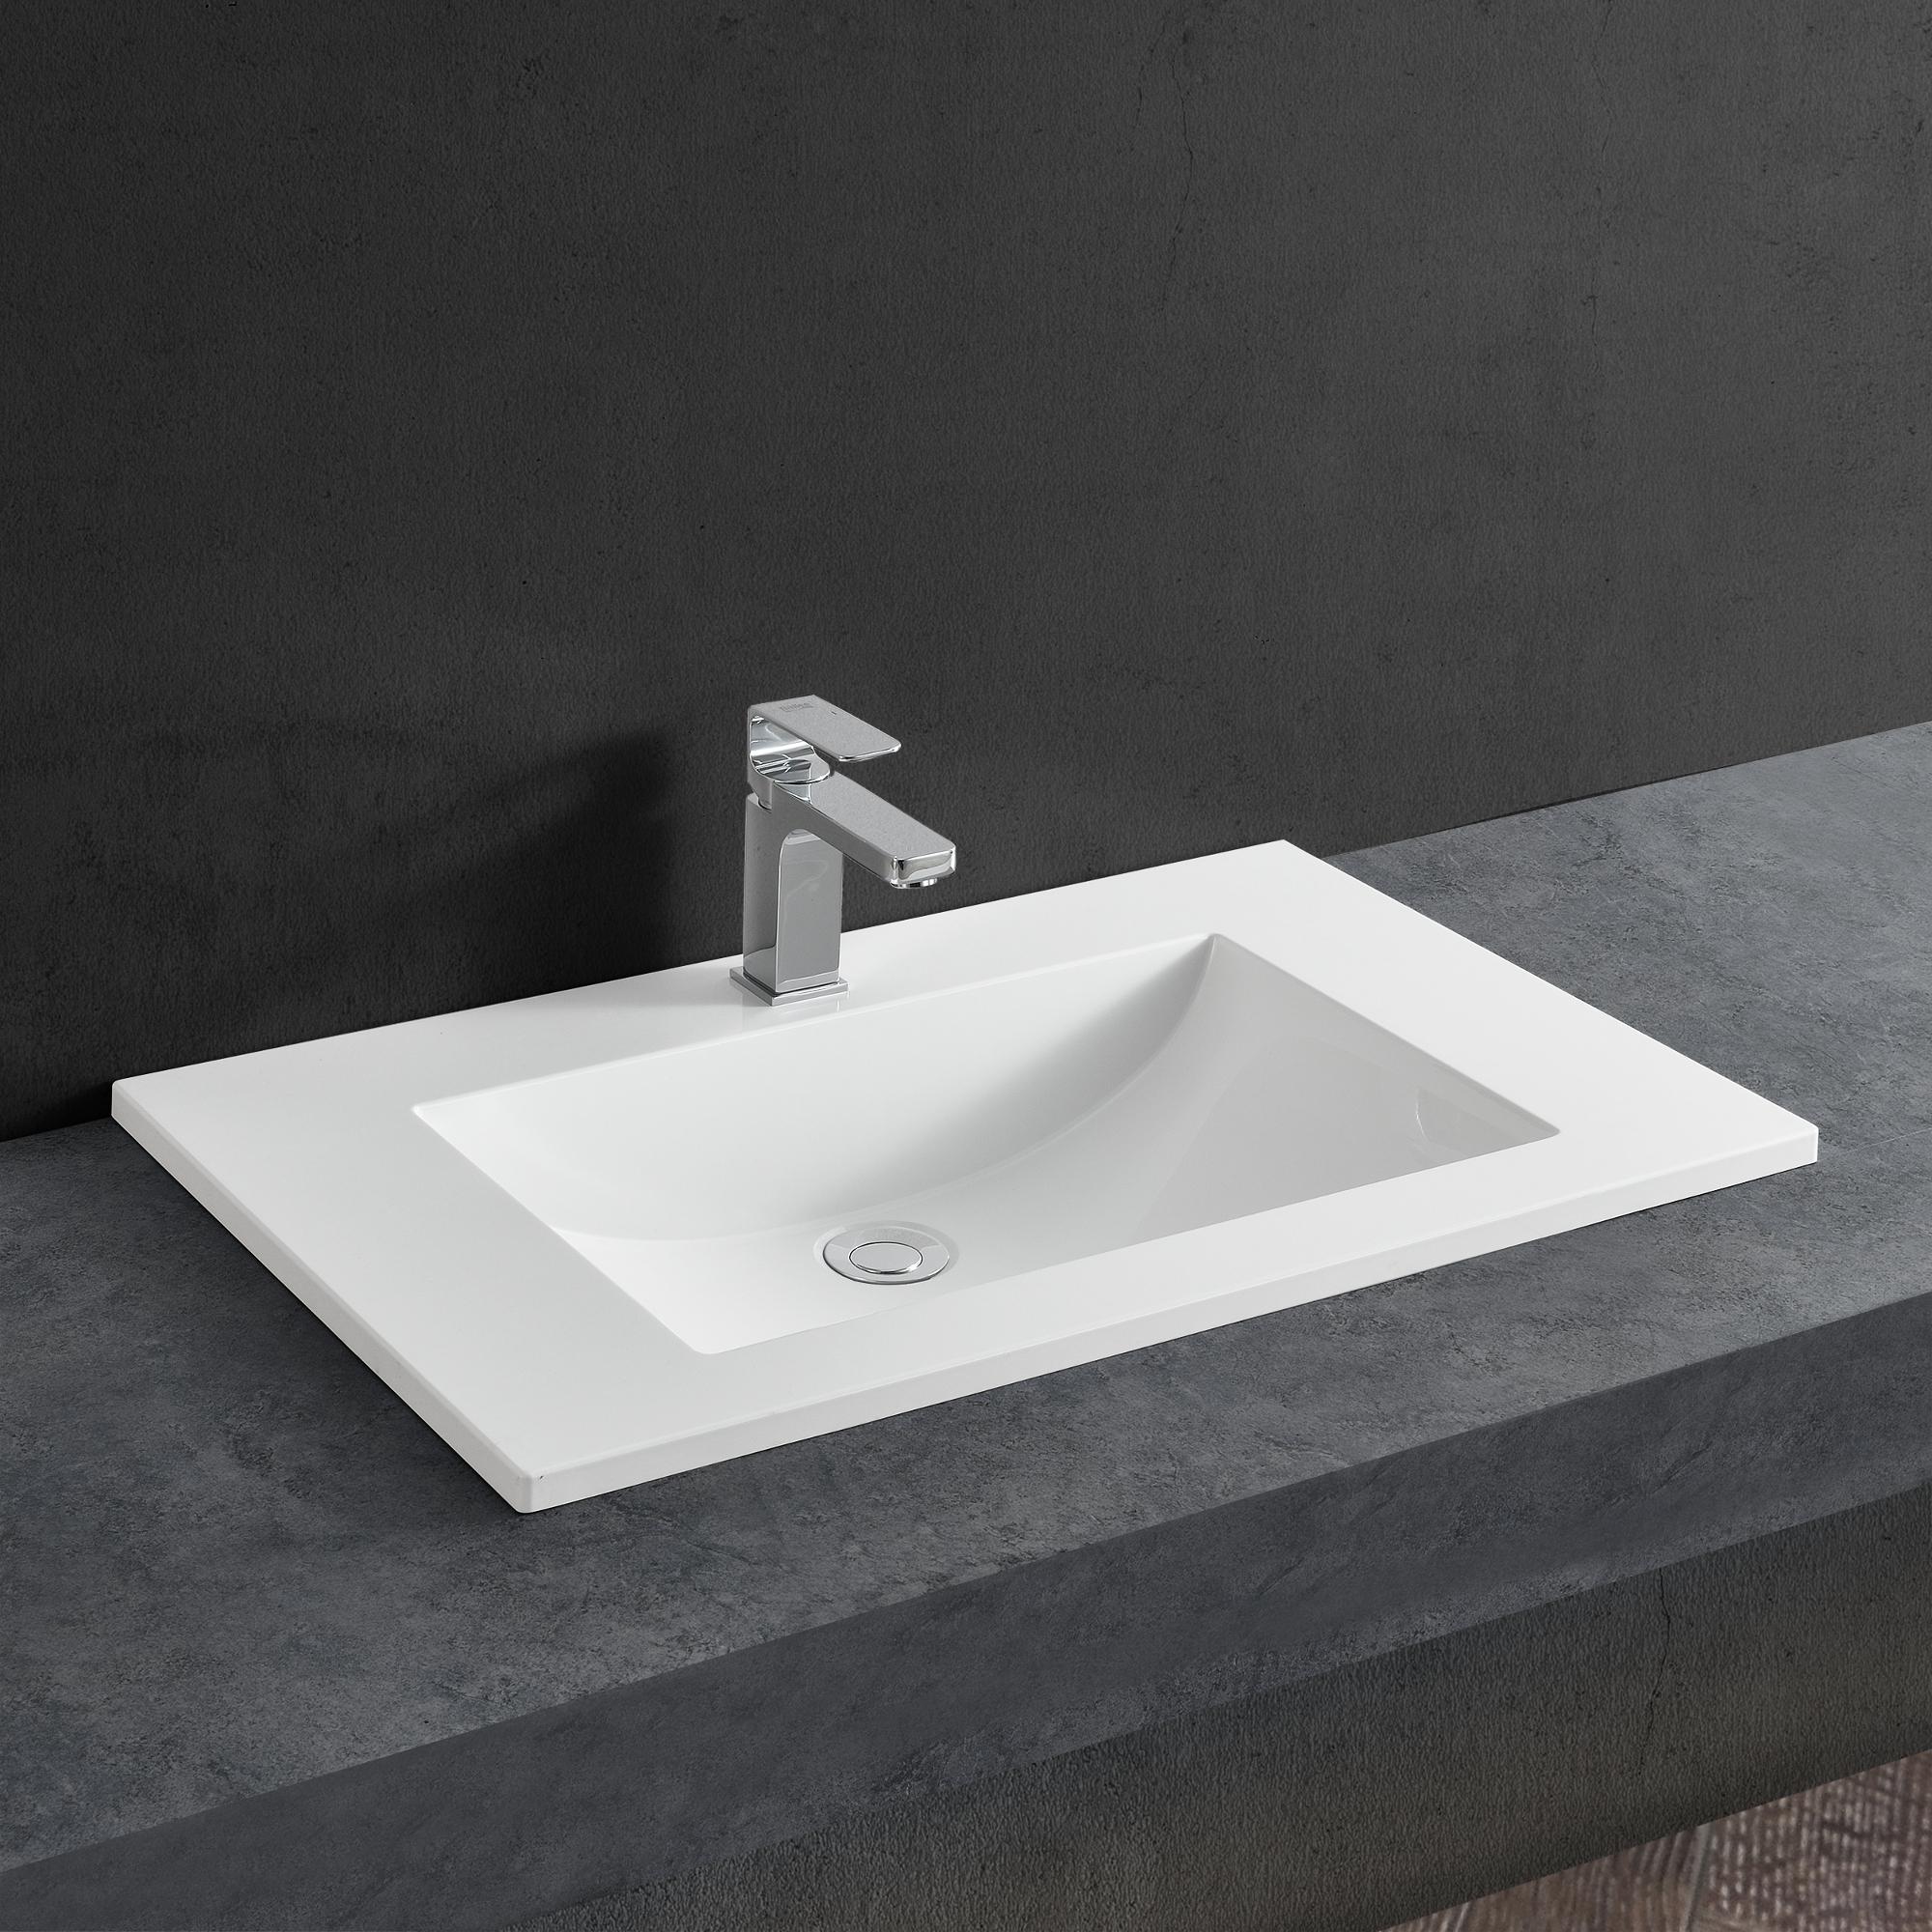 Como Instalar Lavabo Bano.Detalles De Neu Haus Lavabo Blanco 60x46cm Empotrado Para Instalar Mueble Bano